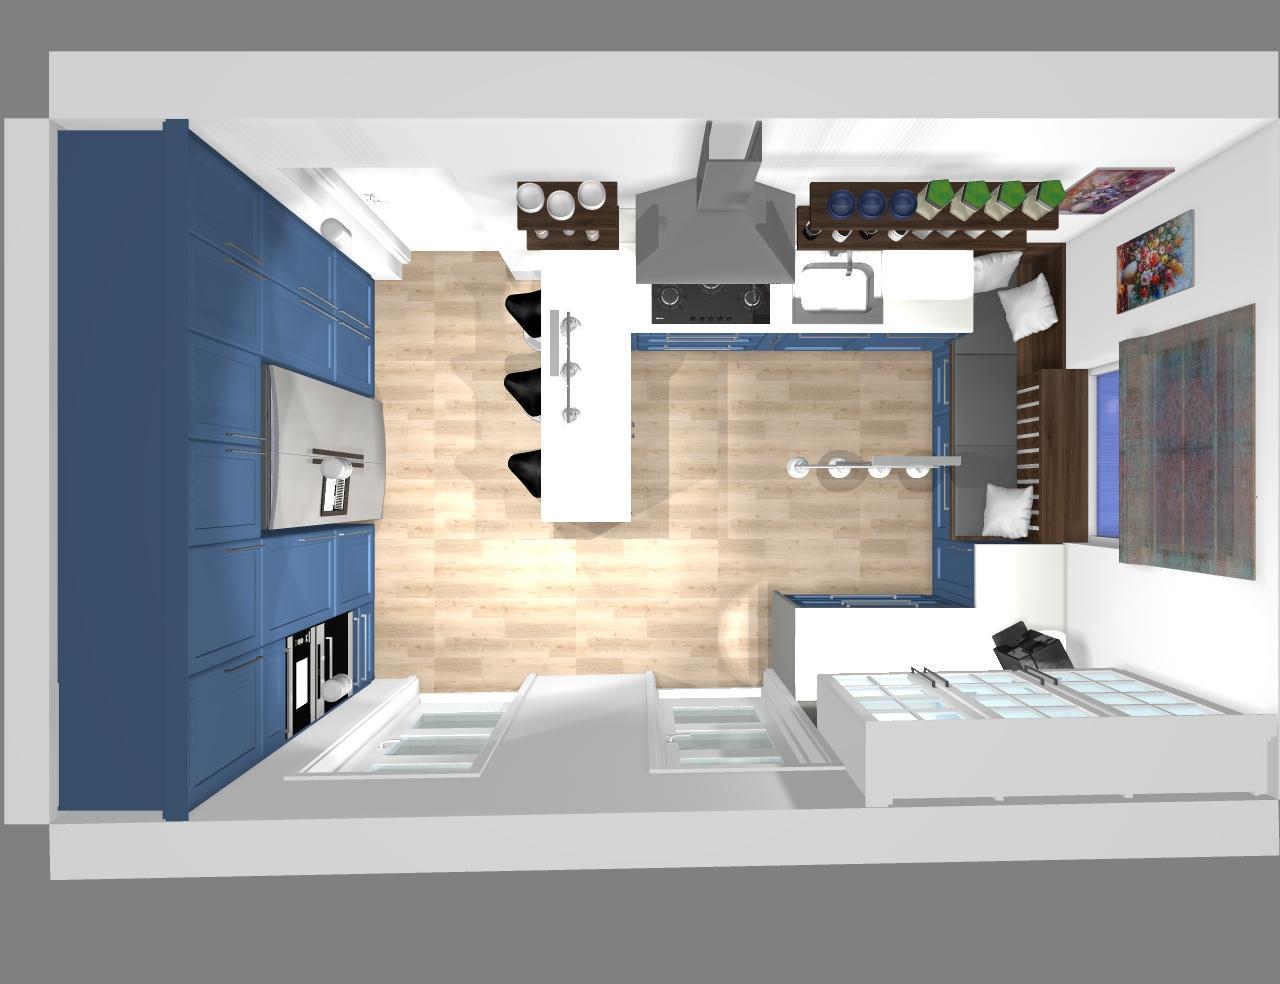 Grafické návrhy kuchynských liniek 2020 - Grafický návrh kuchynskej linky do rodinného domu vo Svätom Antone - obr.8